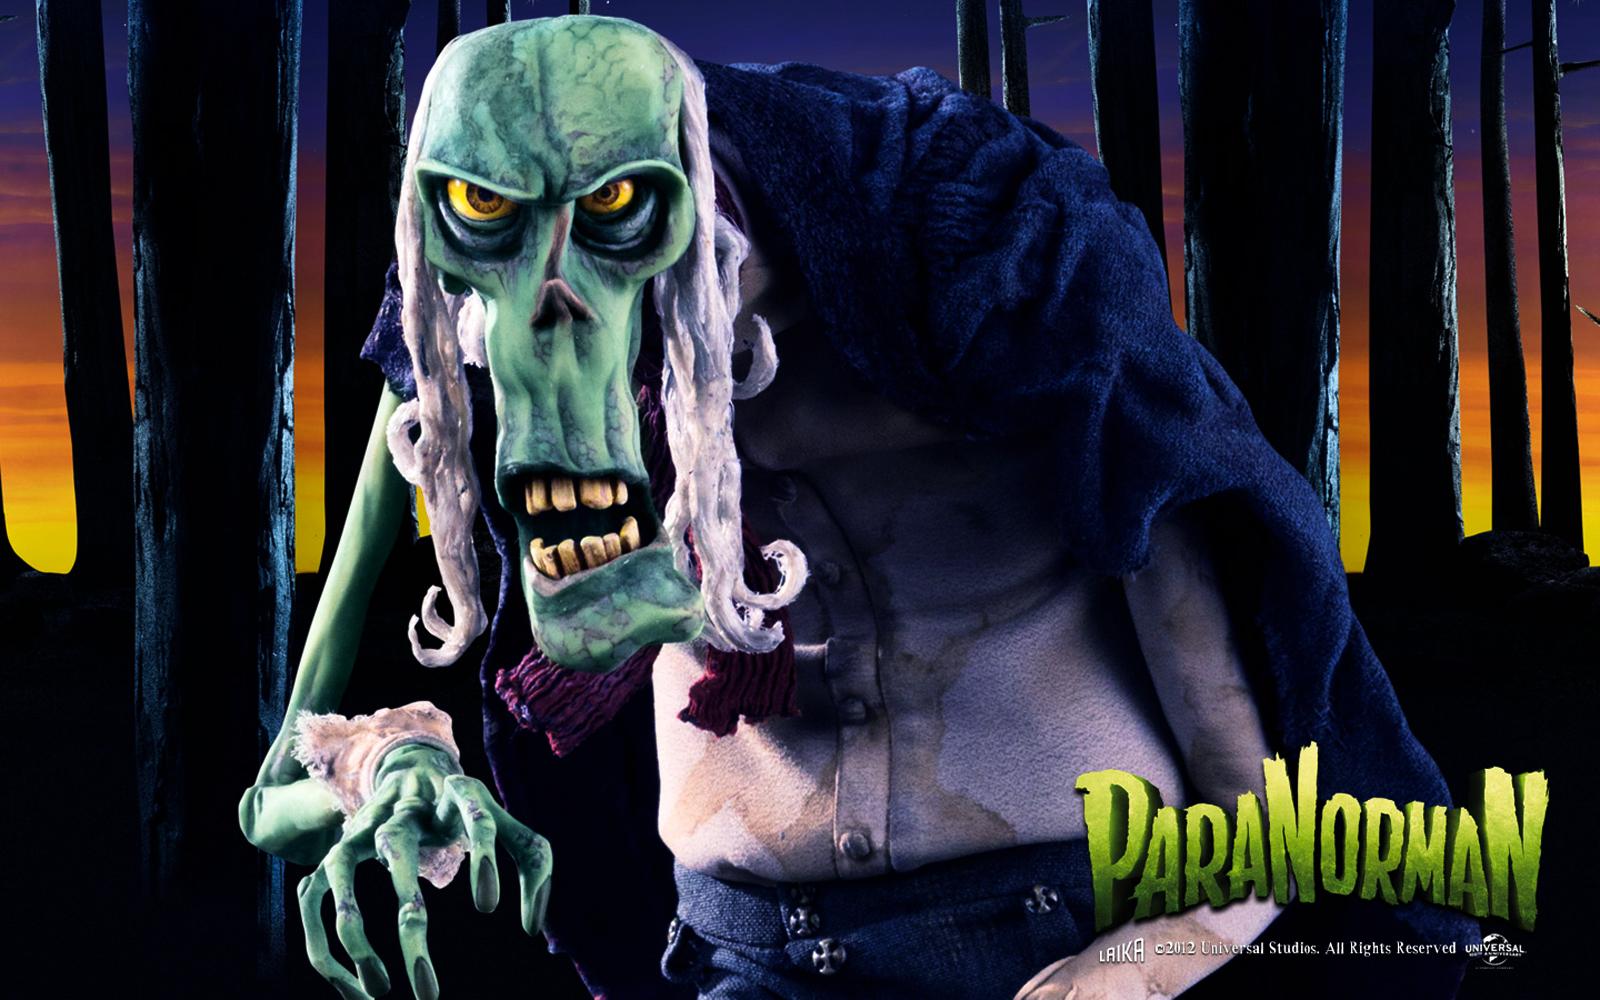 http://2.bp.blogspot.com/-60TEyO5a6No/UGae6yhzwGI/AAAAAAAAE6Q/xlkcrWNqhxs/s1600/Paranorman-Movie-Character-HD-Wallpaper--Vvallpaper.Net.jpg